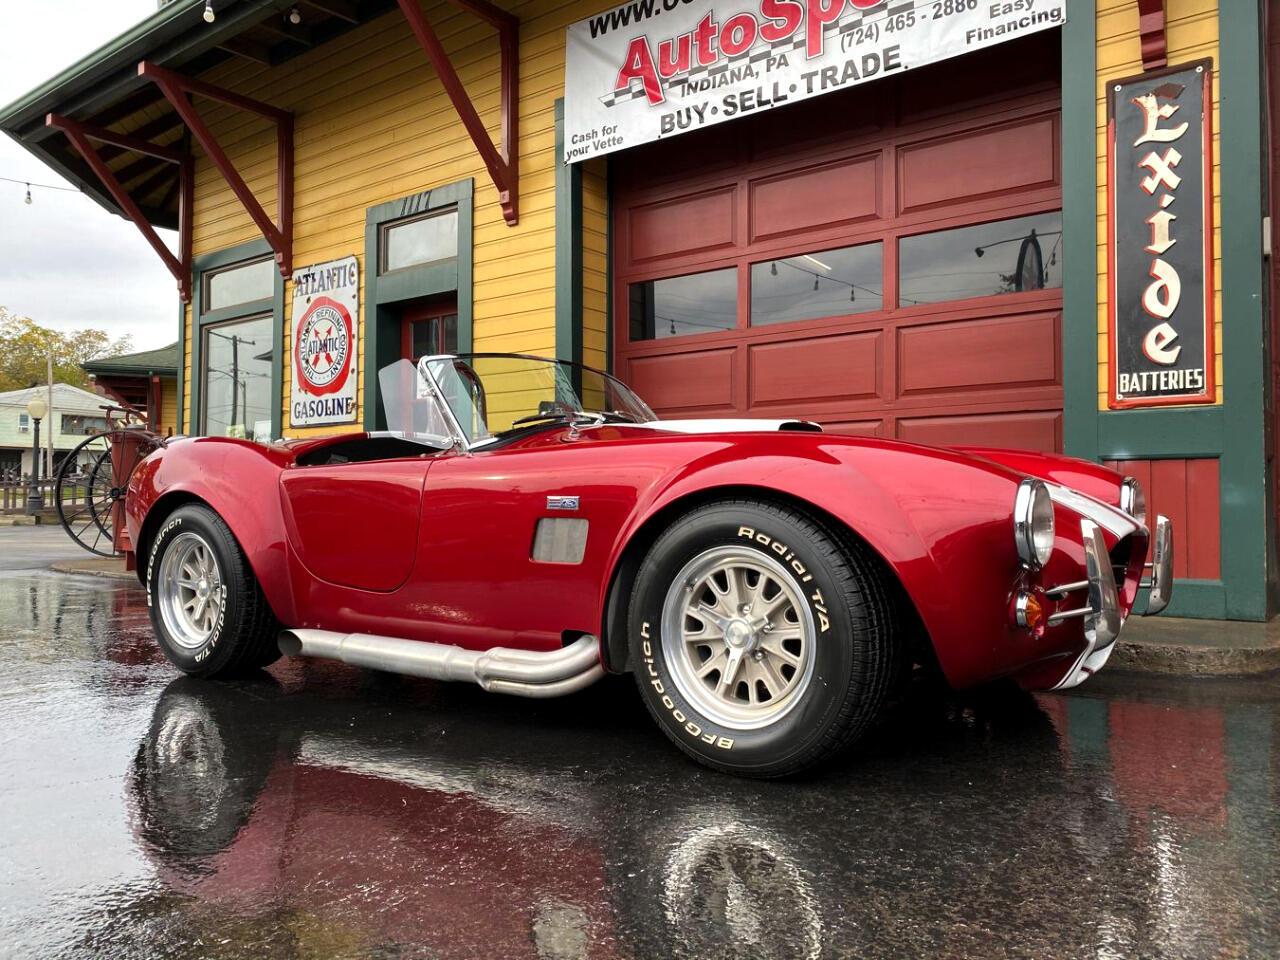 1965 Shelby Cobra Factory 5 Shelby Cobra 5.0 Pro-Charged V8